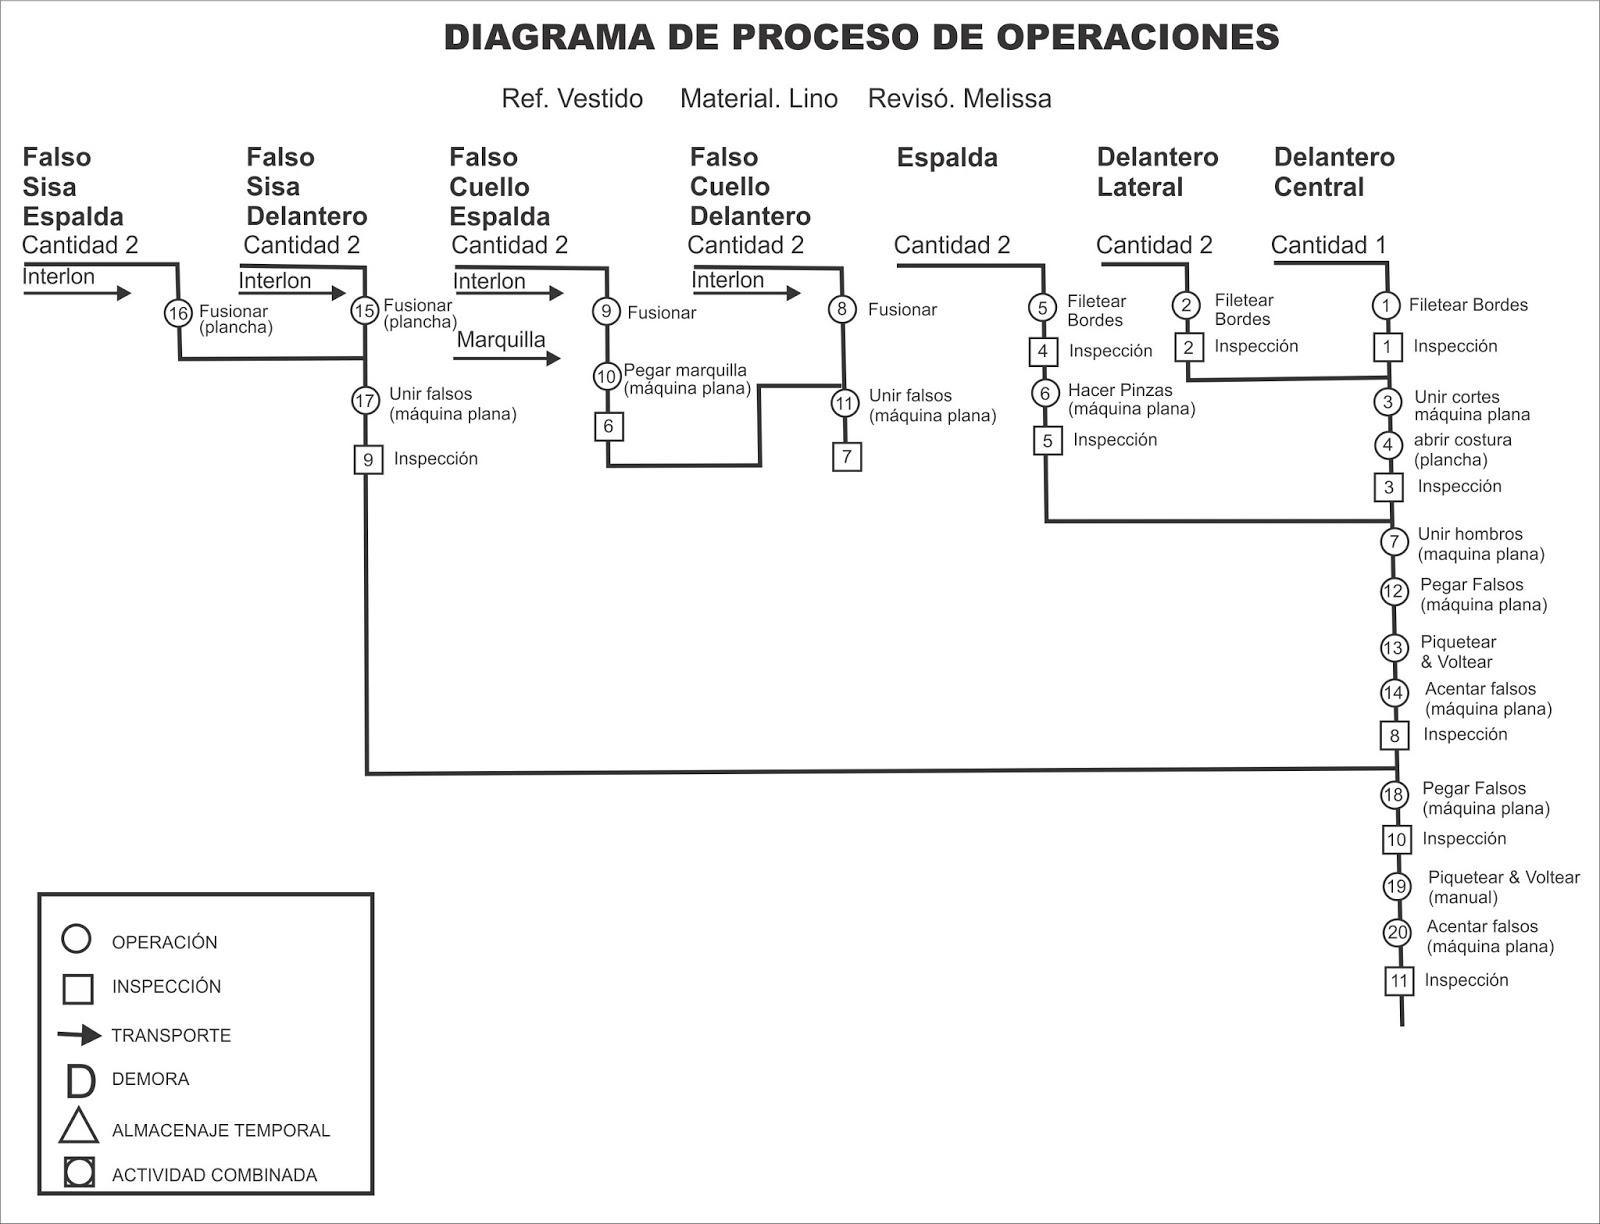 DIAGRAMA DE OPERACIONES EBOOK